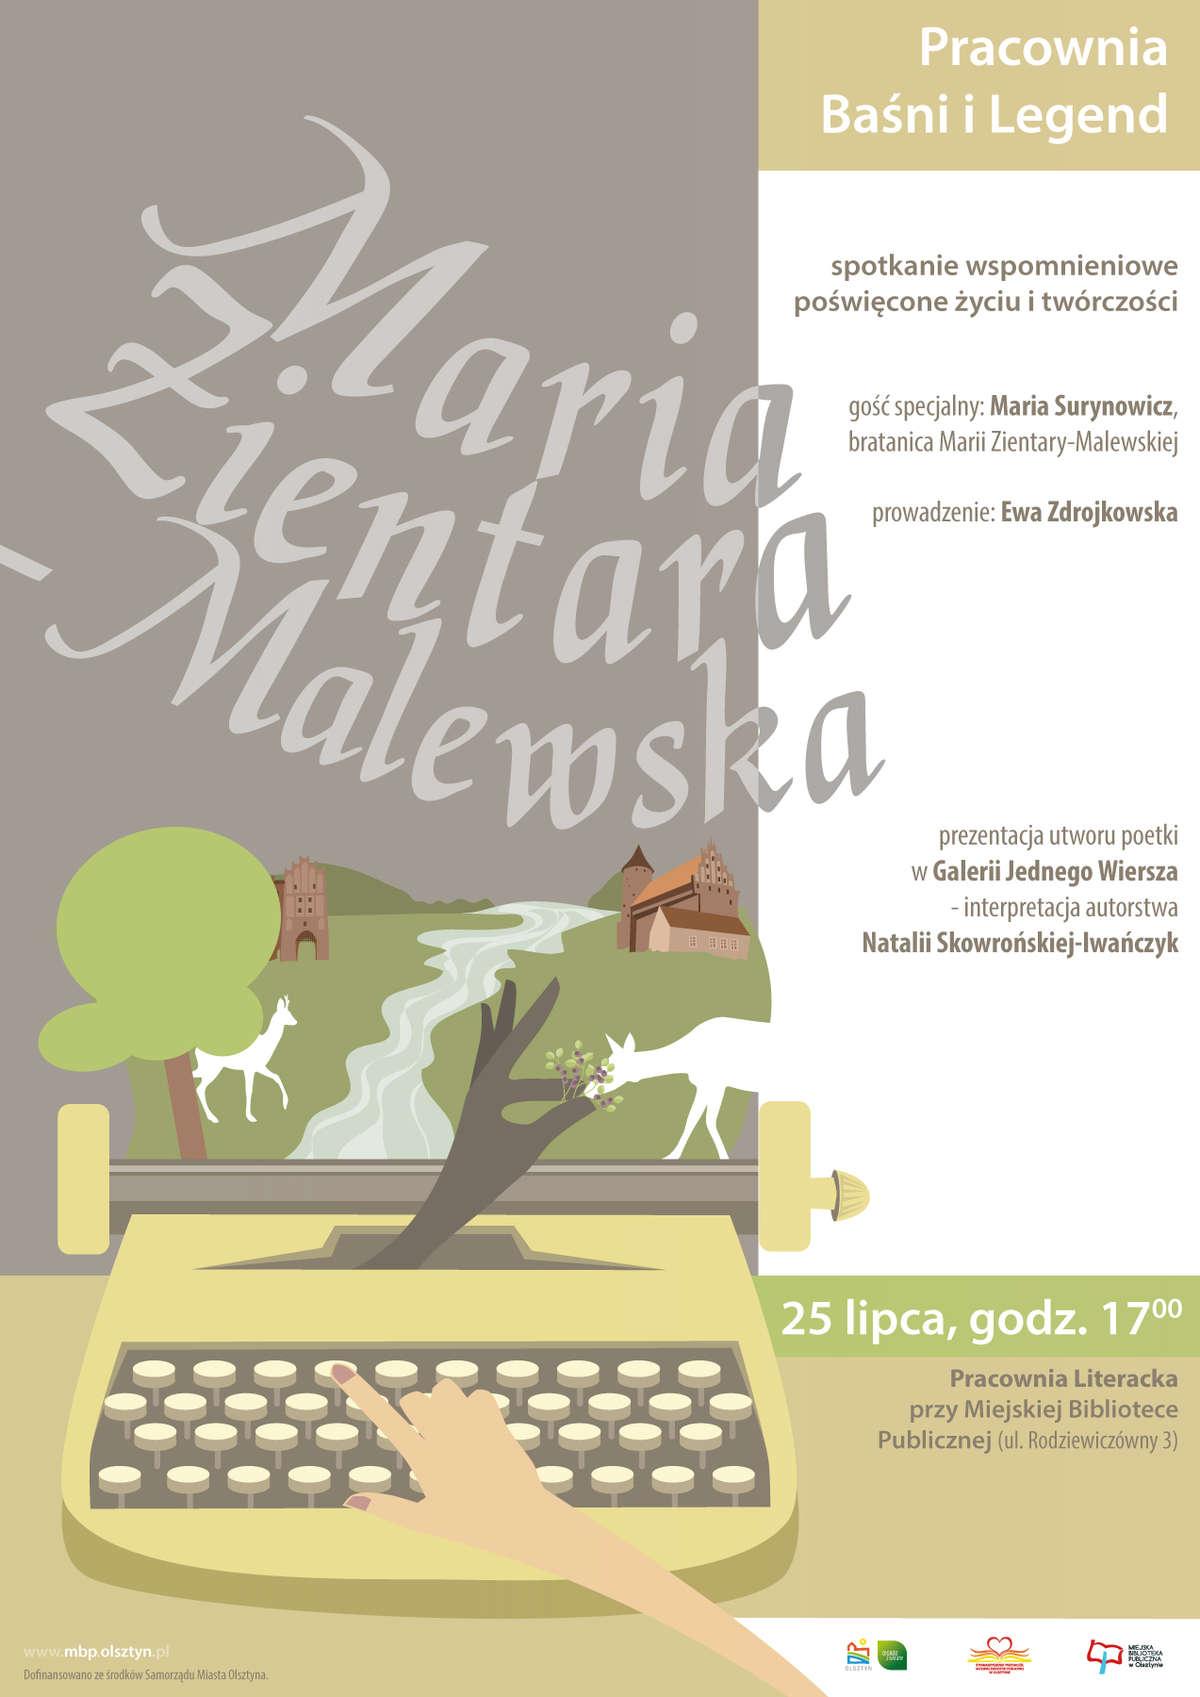 Pracownia Baśni i Legend: Maria Zientara-Malewska. Spotkanie wspomnieniowe - full image